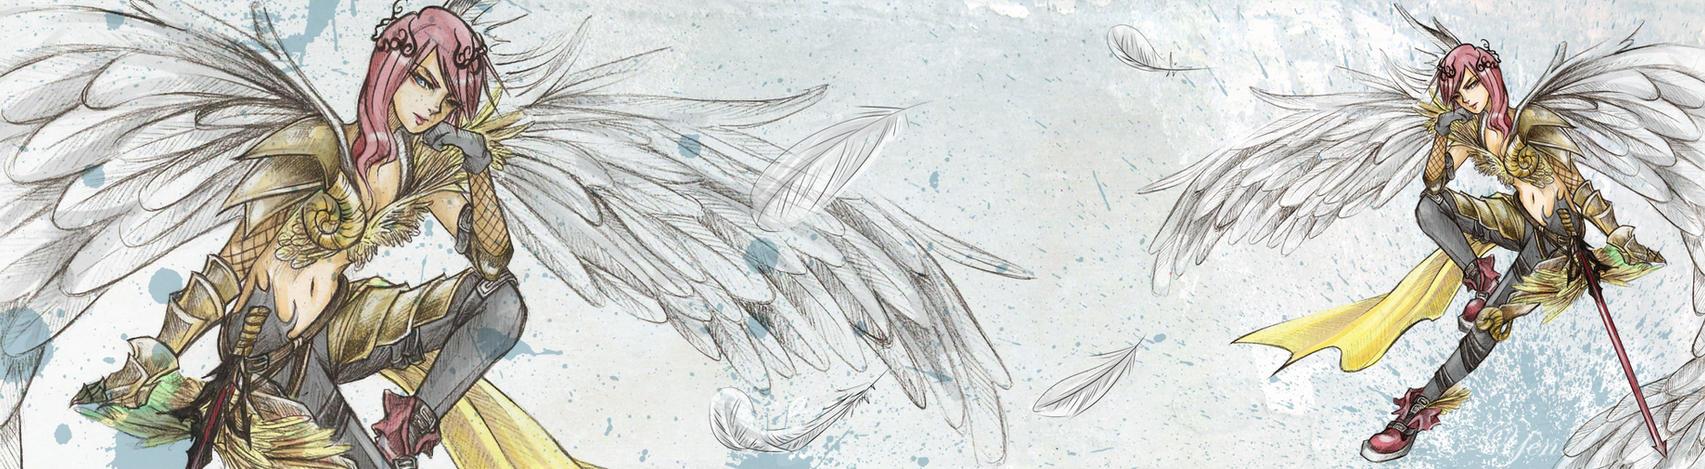 Fallen Angel by C-Yen